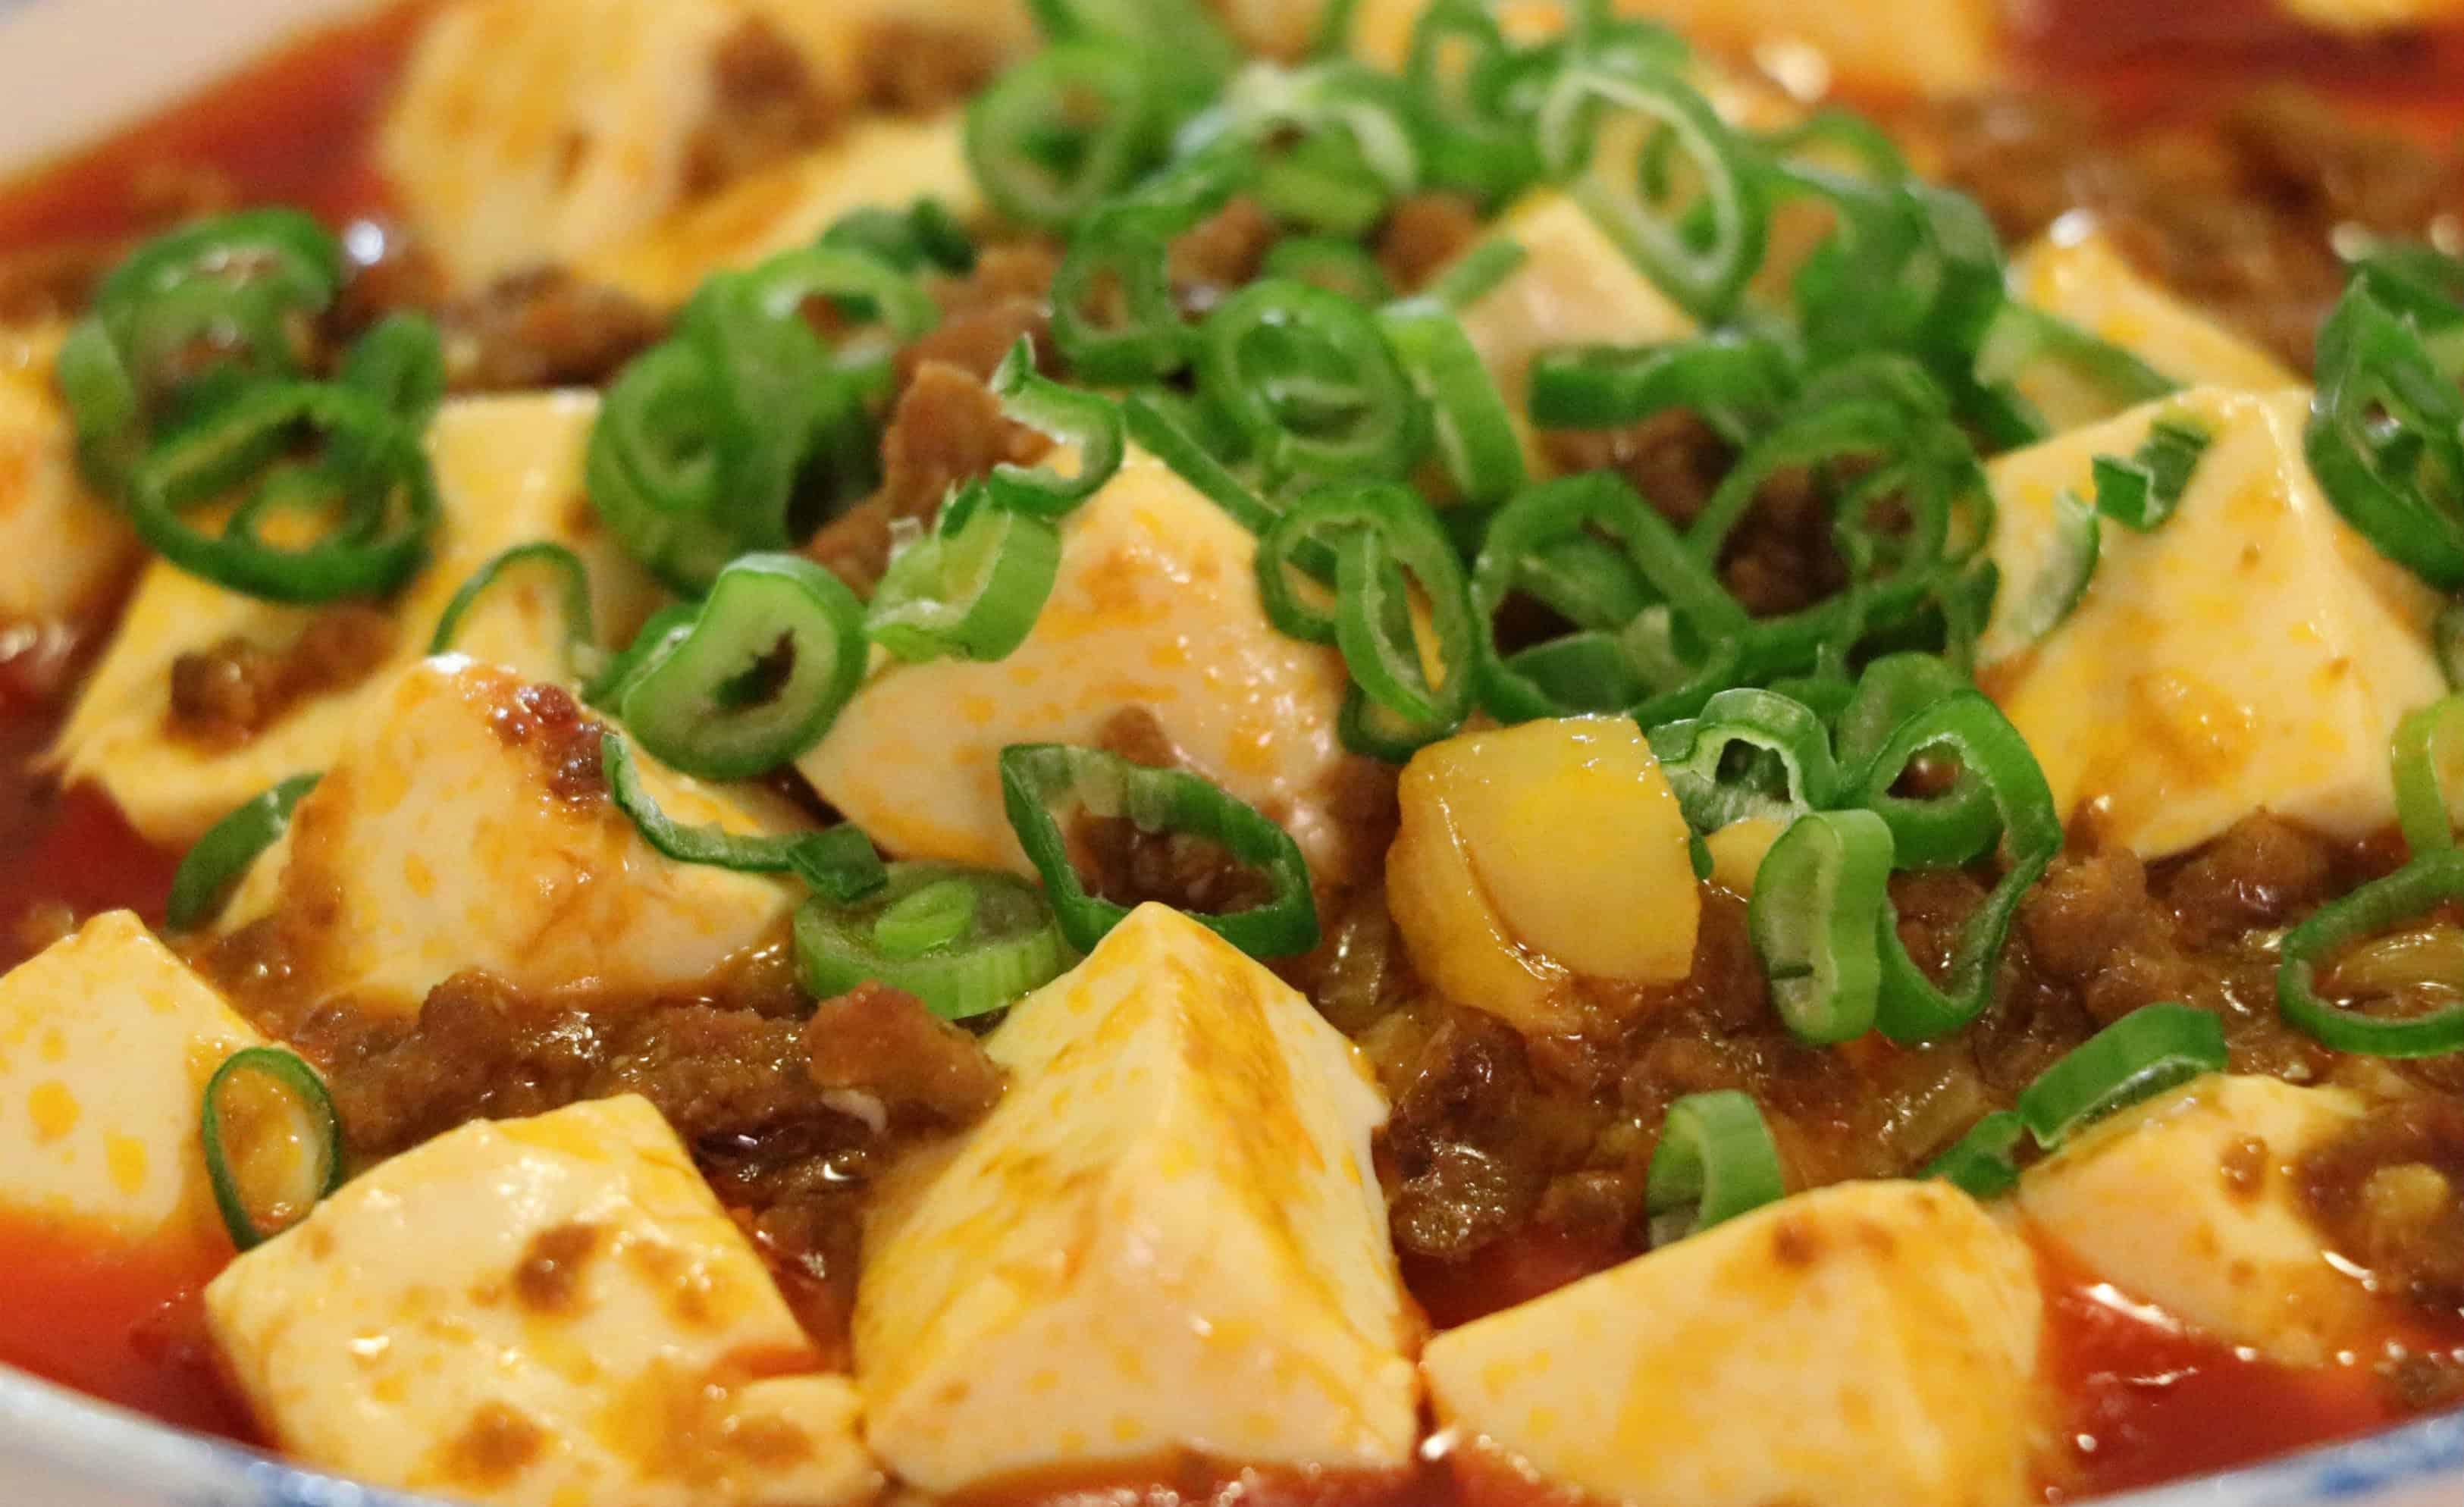 Đậu phụ Tứ Xuyên đặc trưng ấm thực Trung Quốc